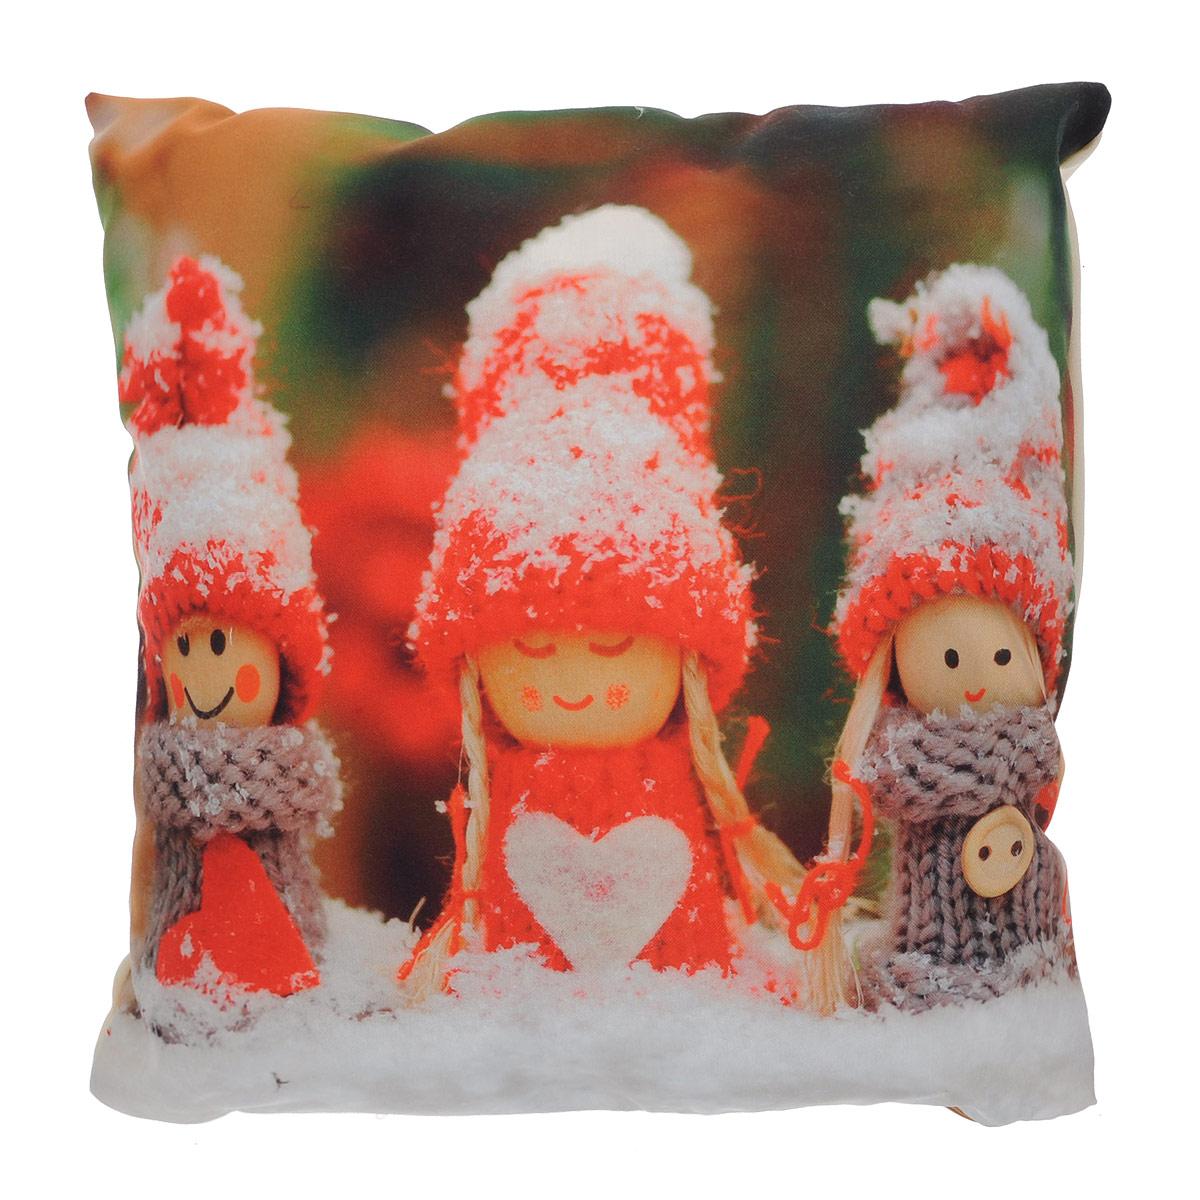 Подушка декоративная Garden Куклы, 45 х 45 смп w1822(1687)v535Декоративная подушка Garden Куклы прекрасно дополнит интерьер спальни или гостиной. Чехол подушки выполнен из полиэстера. Лицевая сторона украшена фотопечатью с изображением забавных кукол, сидящих на снегу. Оборотная сторона - бежевого цвета. Внутри - мягкий наполнитель. Чехол легко снимается благодаря потайной молнии. Красивая подушка создаст атмосферу праздника и уюта в спальне и станет прекрасным элементом декора.